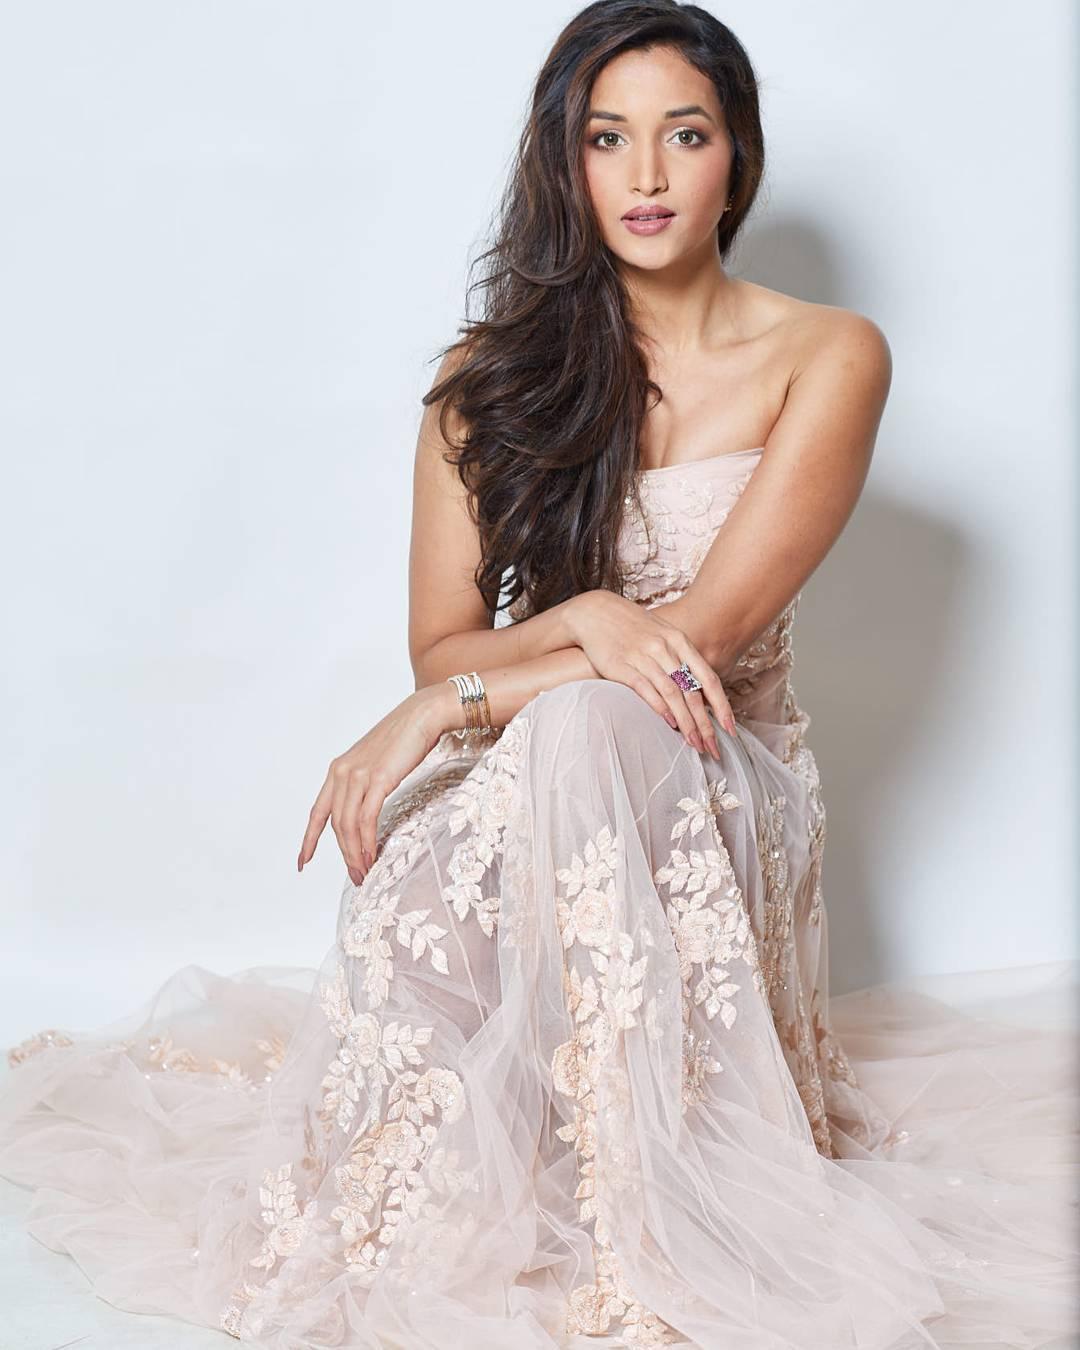 Srinidhi Shetty bollywood actress 9